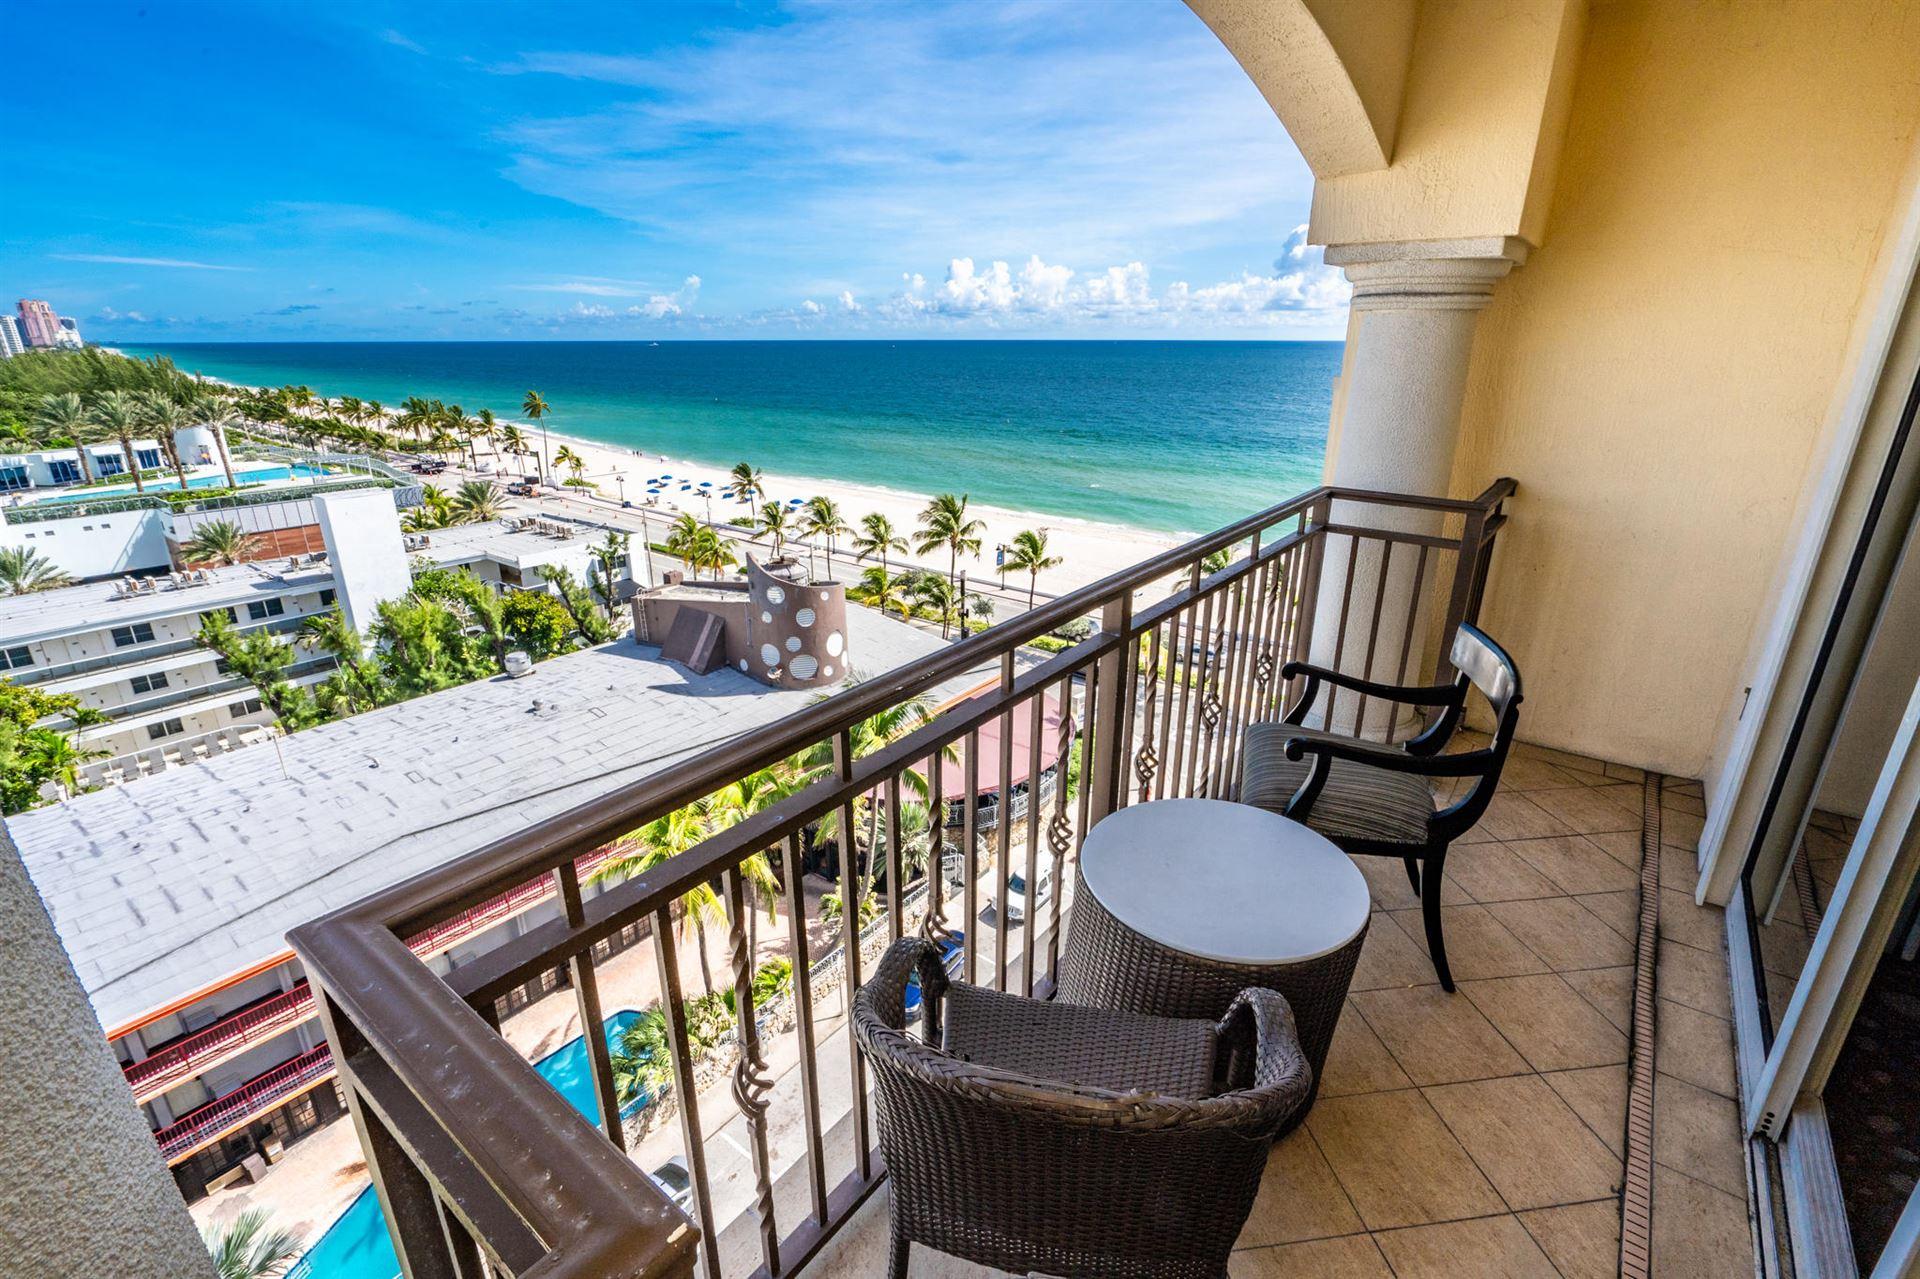 601 N Fort Lauderdale Beach Boulevard #811, Fort Lauderdale, FL 33304 - MLS#: RX-10657260